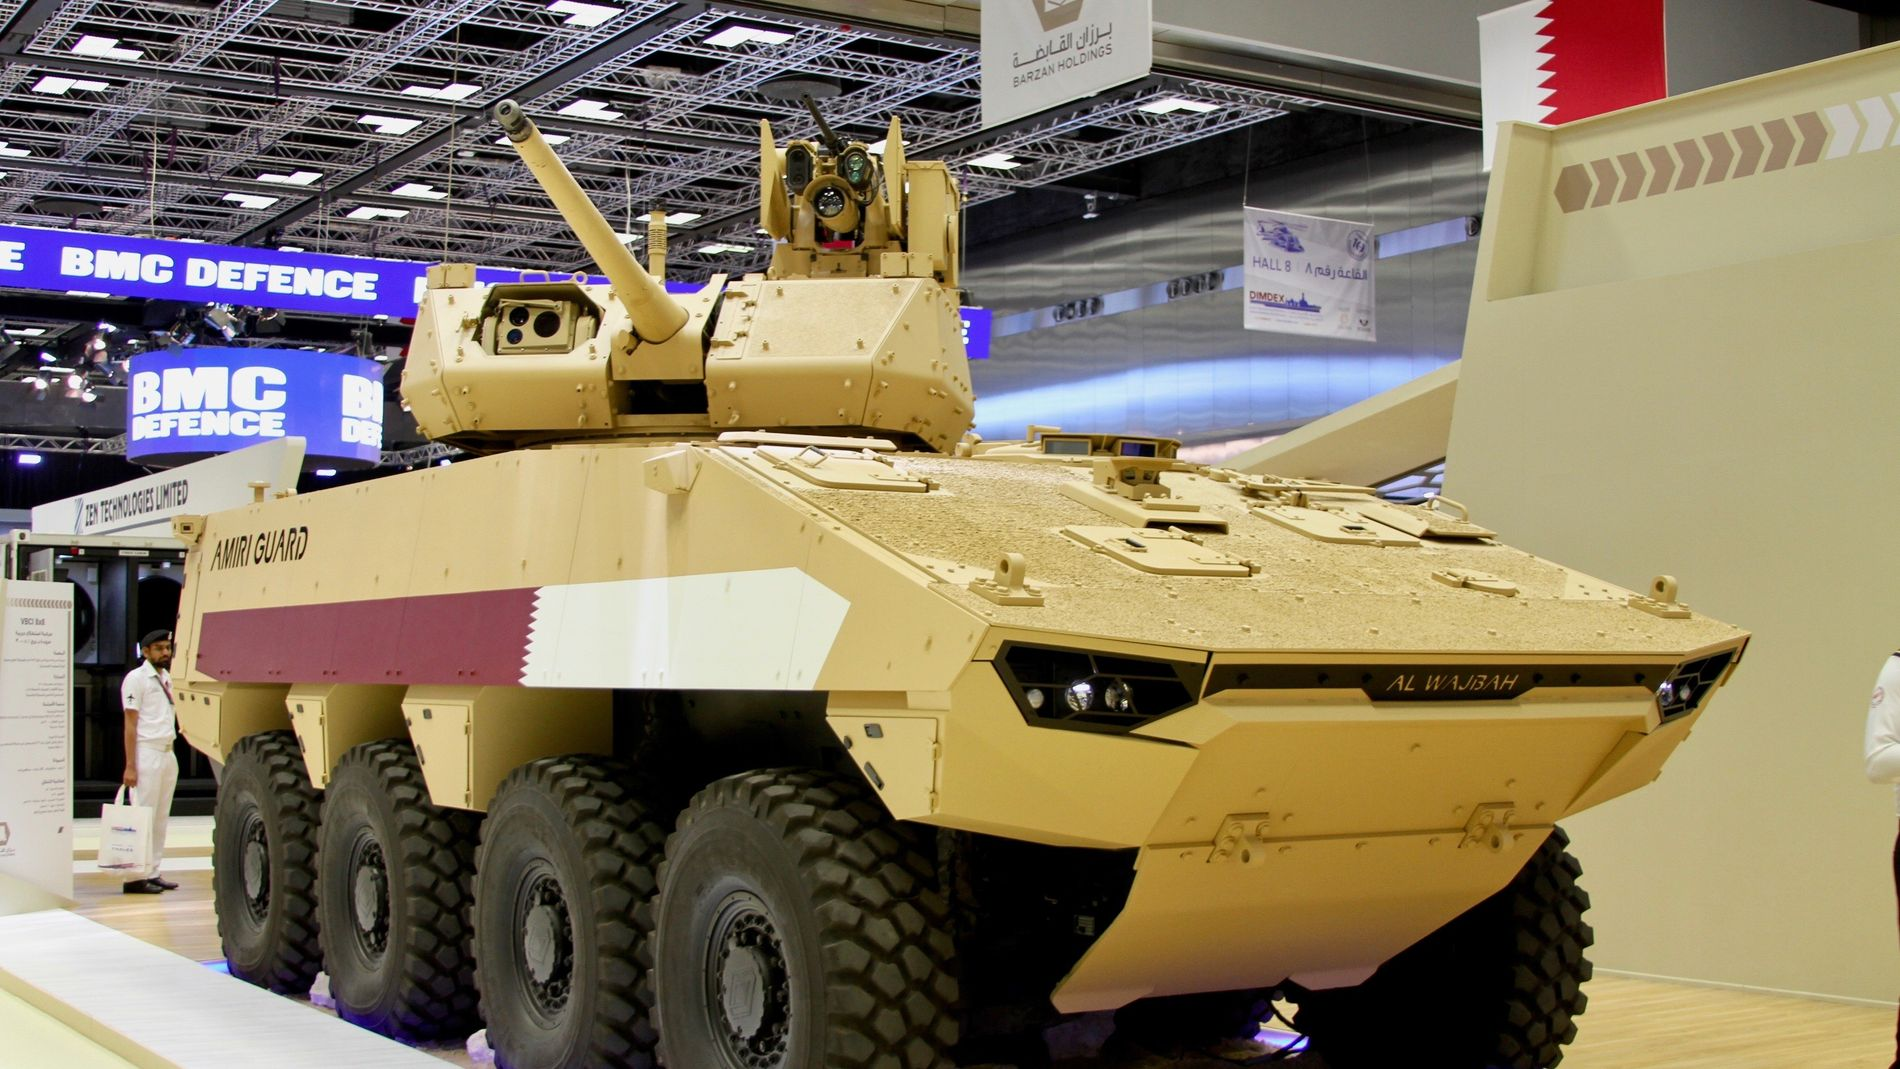 SOLGT: Her er det pansrede kjøretøyet som Nexter skal levere til Qatar, med Kongsberg Gruppens fjernstyrte våpenstasjon «Protector Medium Caliber Turret» montert på toppen.